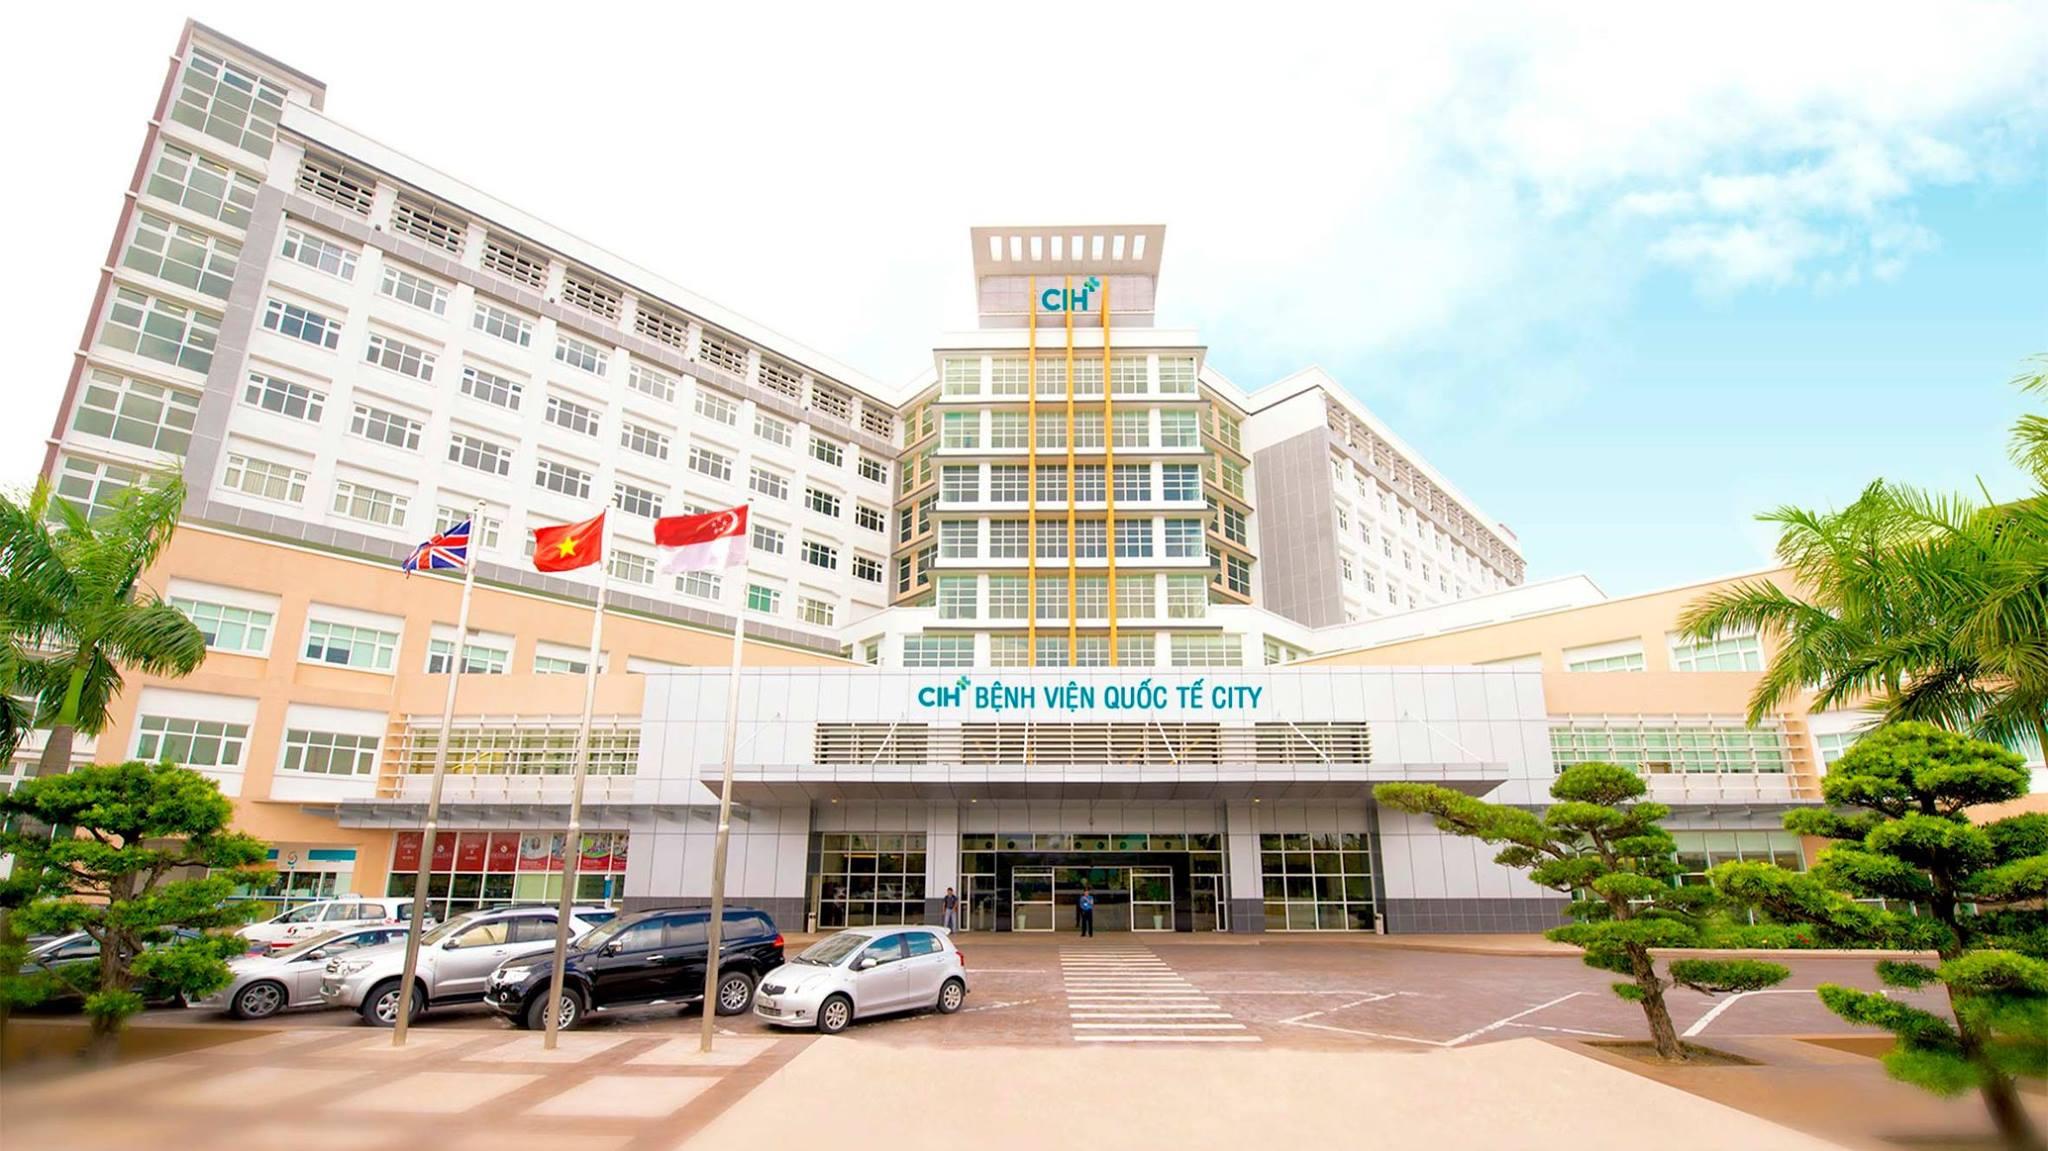 Tiện ích dự án căn hộ chung cư Saigon Asiana Quận 6 Đường Nguyễn Văn Luông chủ đầu tư Gotec Land